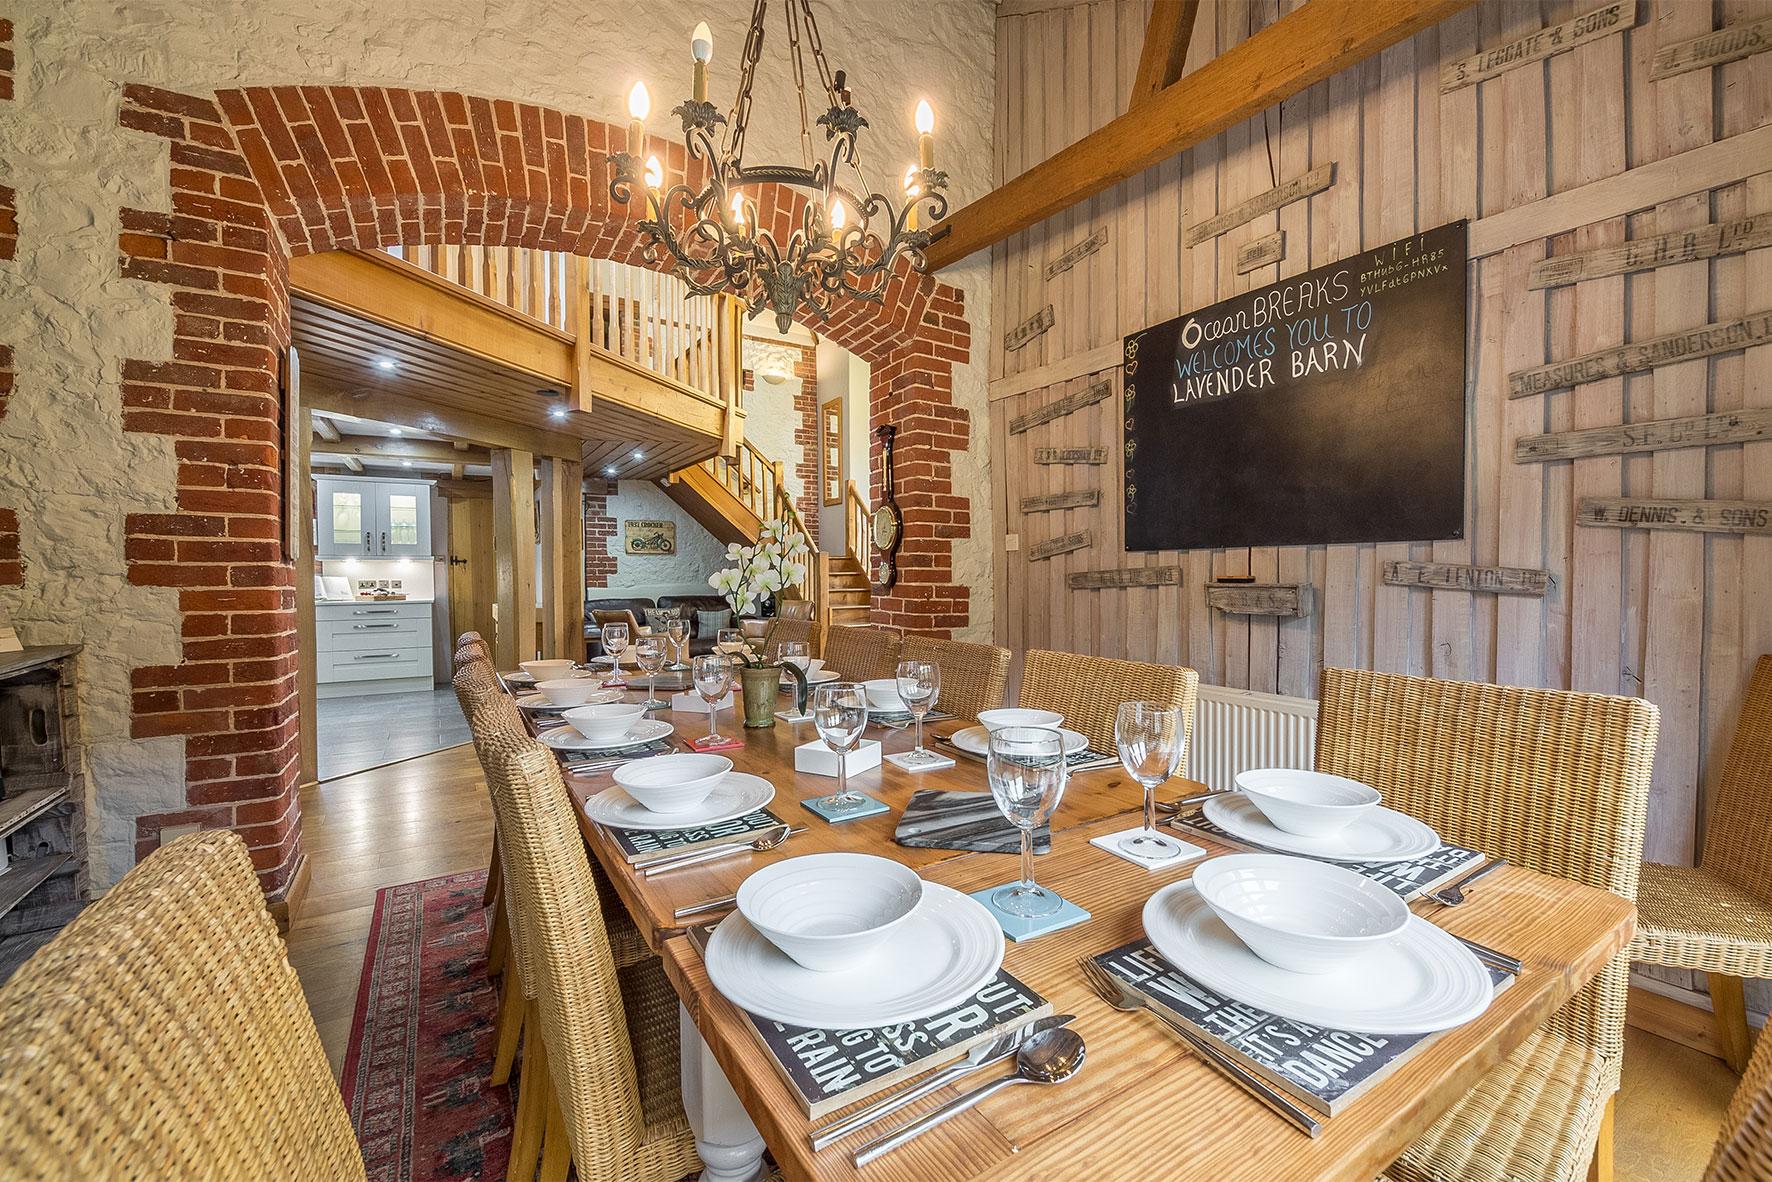 Lavender Barn - Dining Room